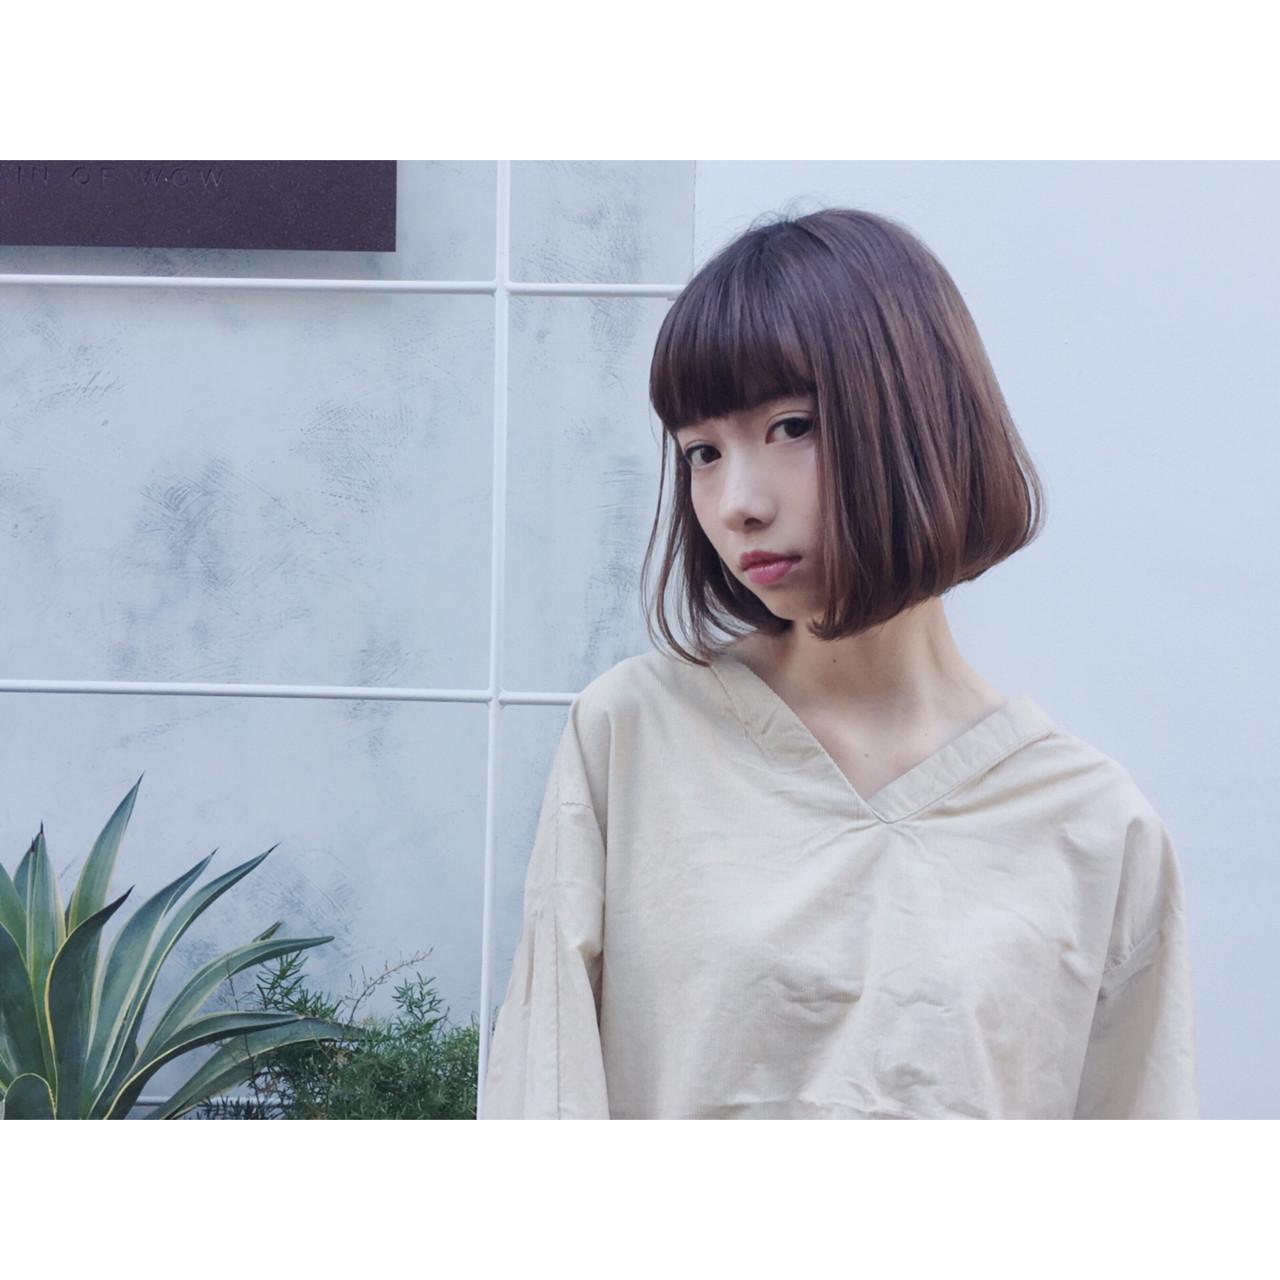 ナチュラル ピュア 大人かわいい ニュアンス ヘアスタイルや髪型の写真・画像 | 大西 絢子/HOULe / HOULe